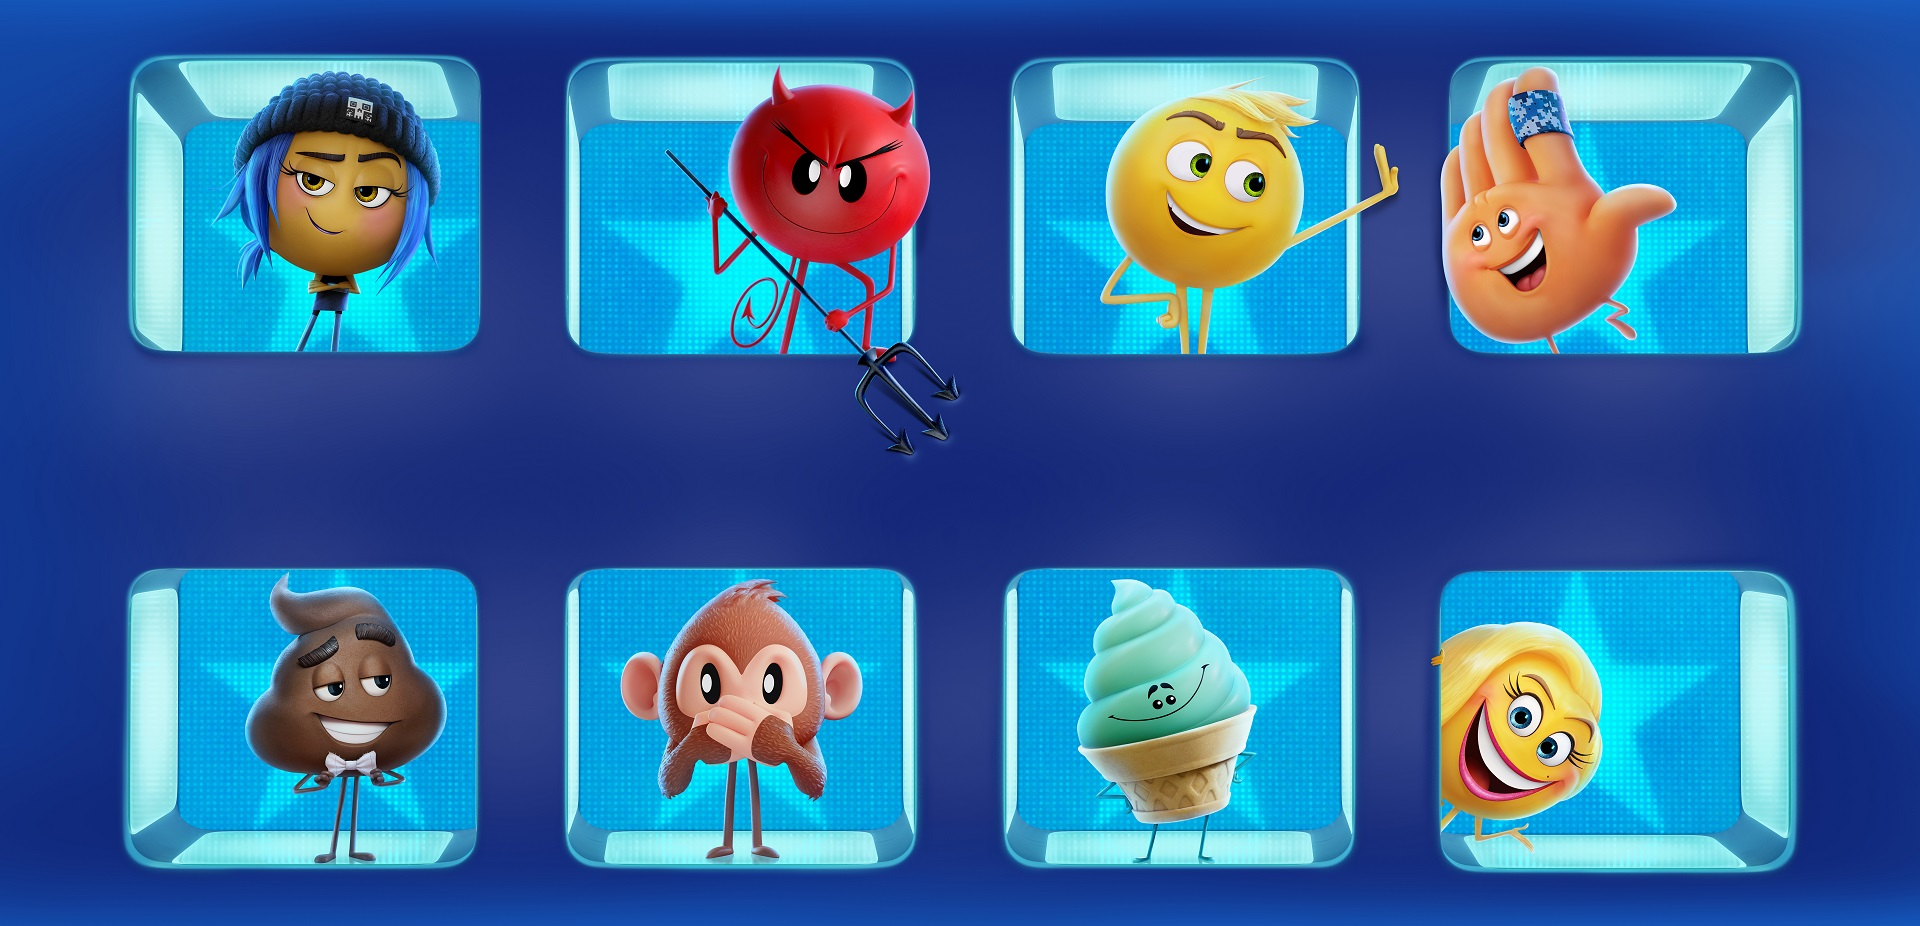 4a673f6def9 Fondos de pantalla de Los Emoji, la película, Wallpapers The Emoji Movie